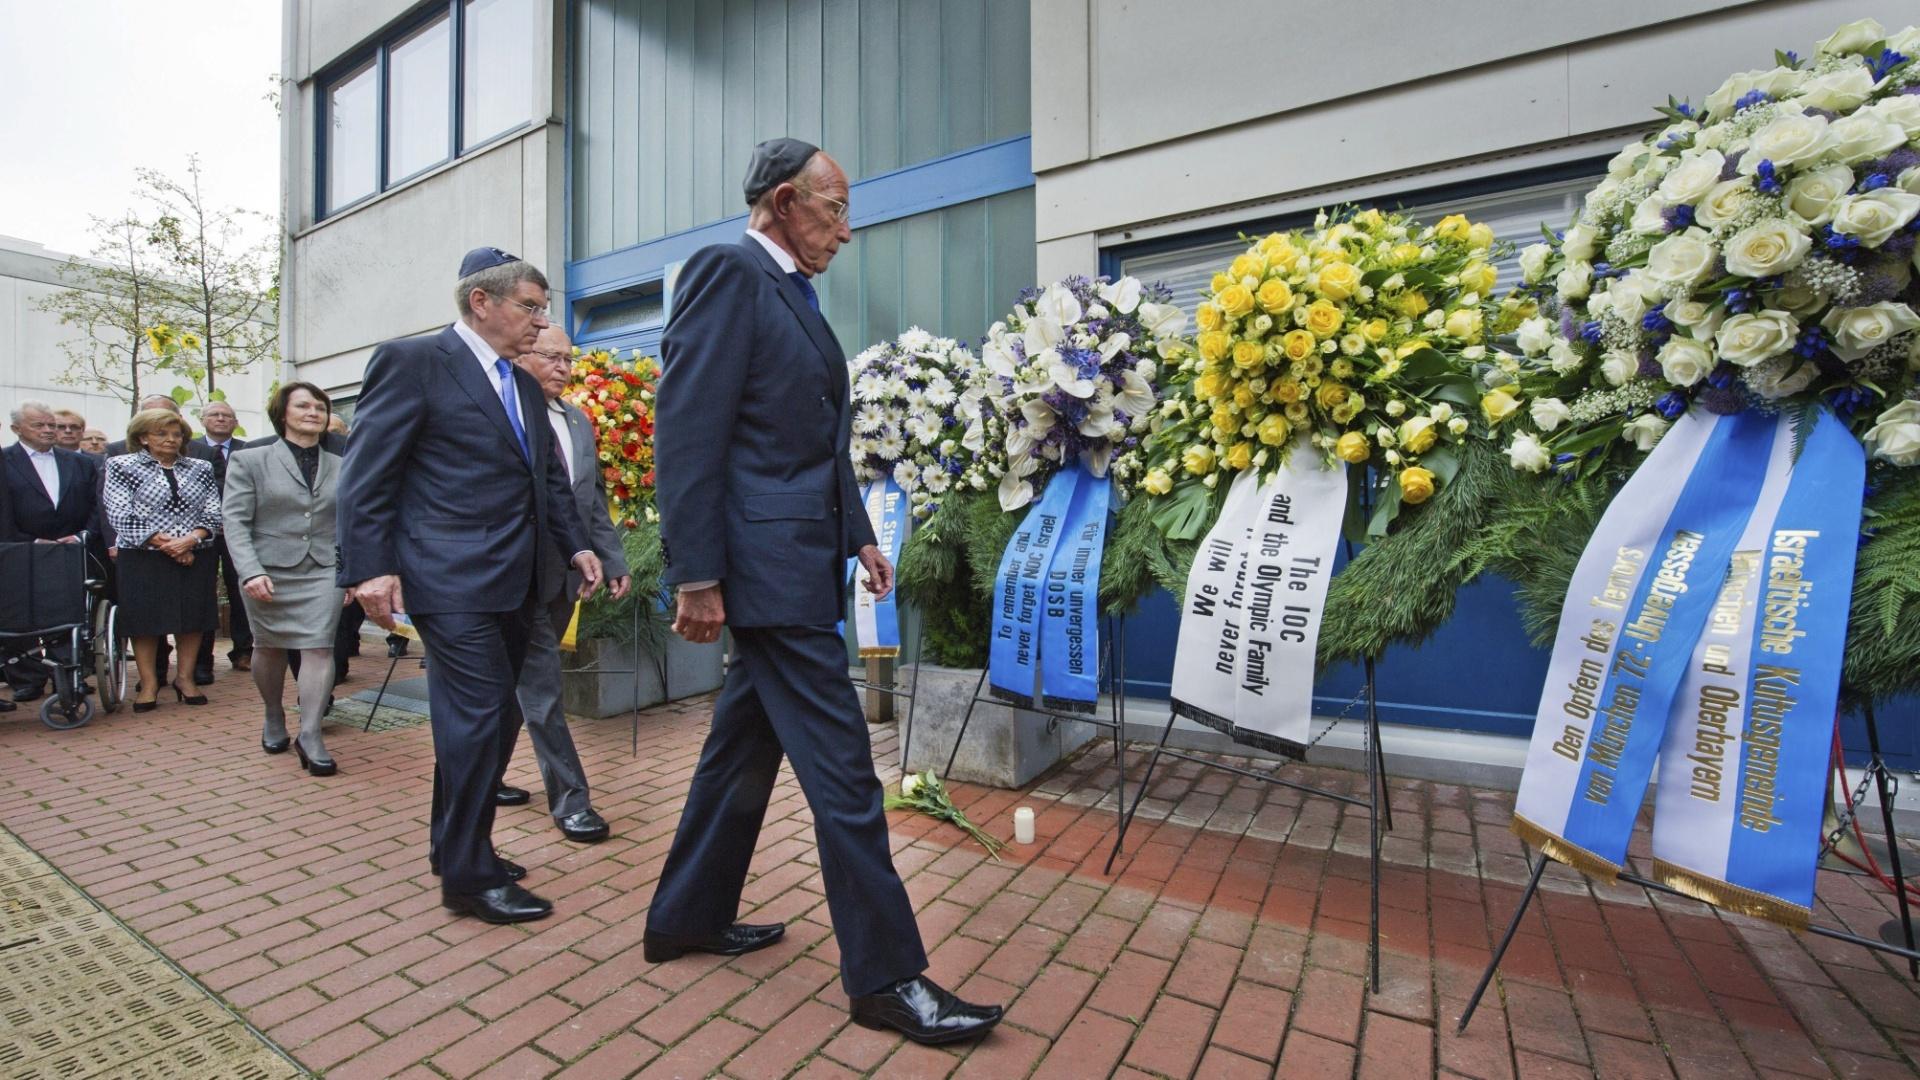 Autoridades alemãs e israelenses participam de ato em memória às vítimas do massacre das Olimpíadas de Munique, que completa 40 anos